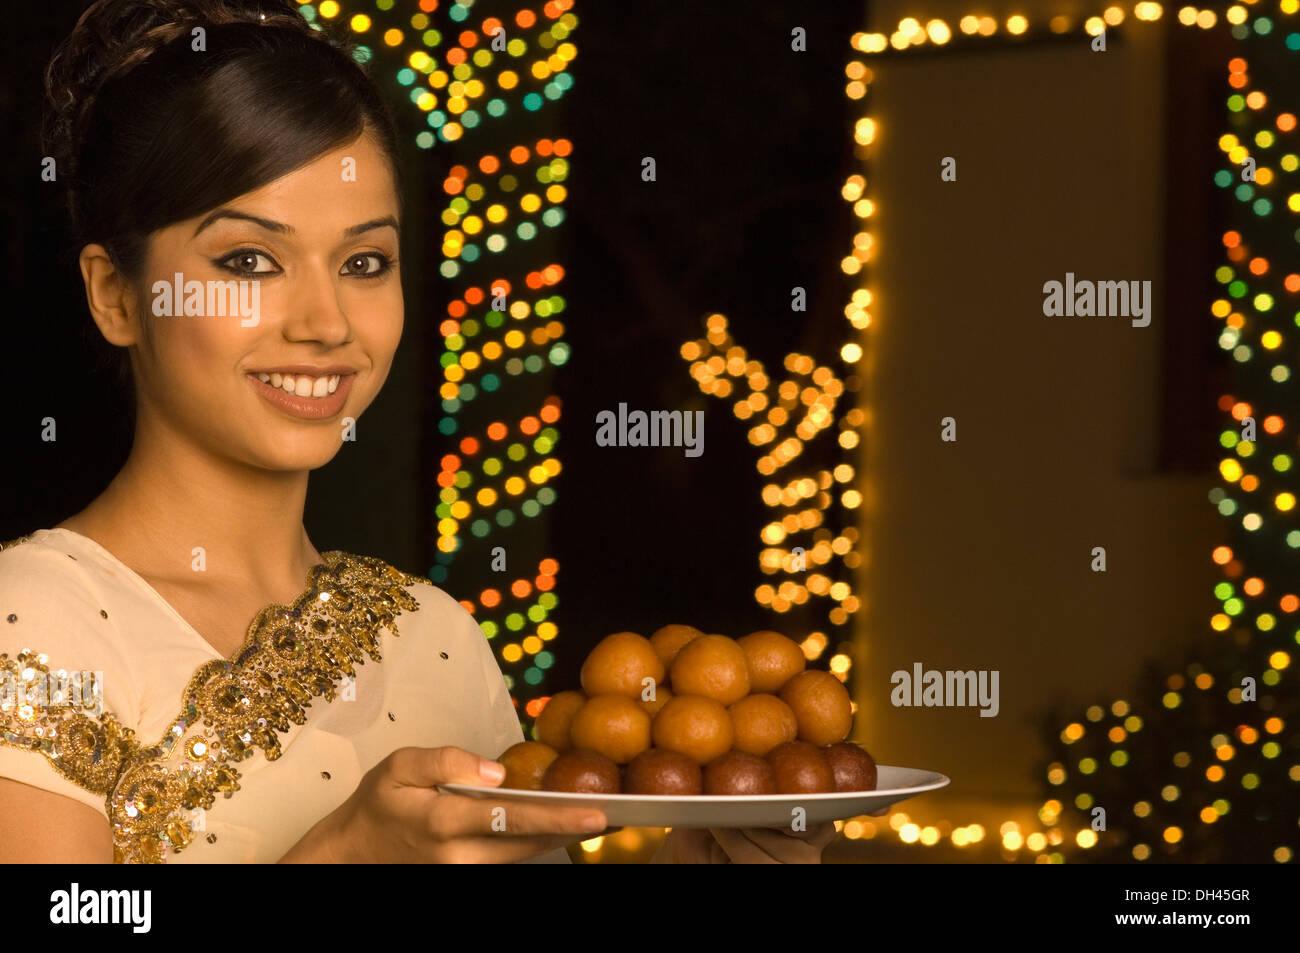 Donna che mantiene le caramelle in una piastra e sorridente Foto Stock